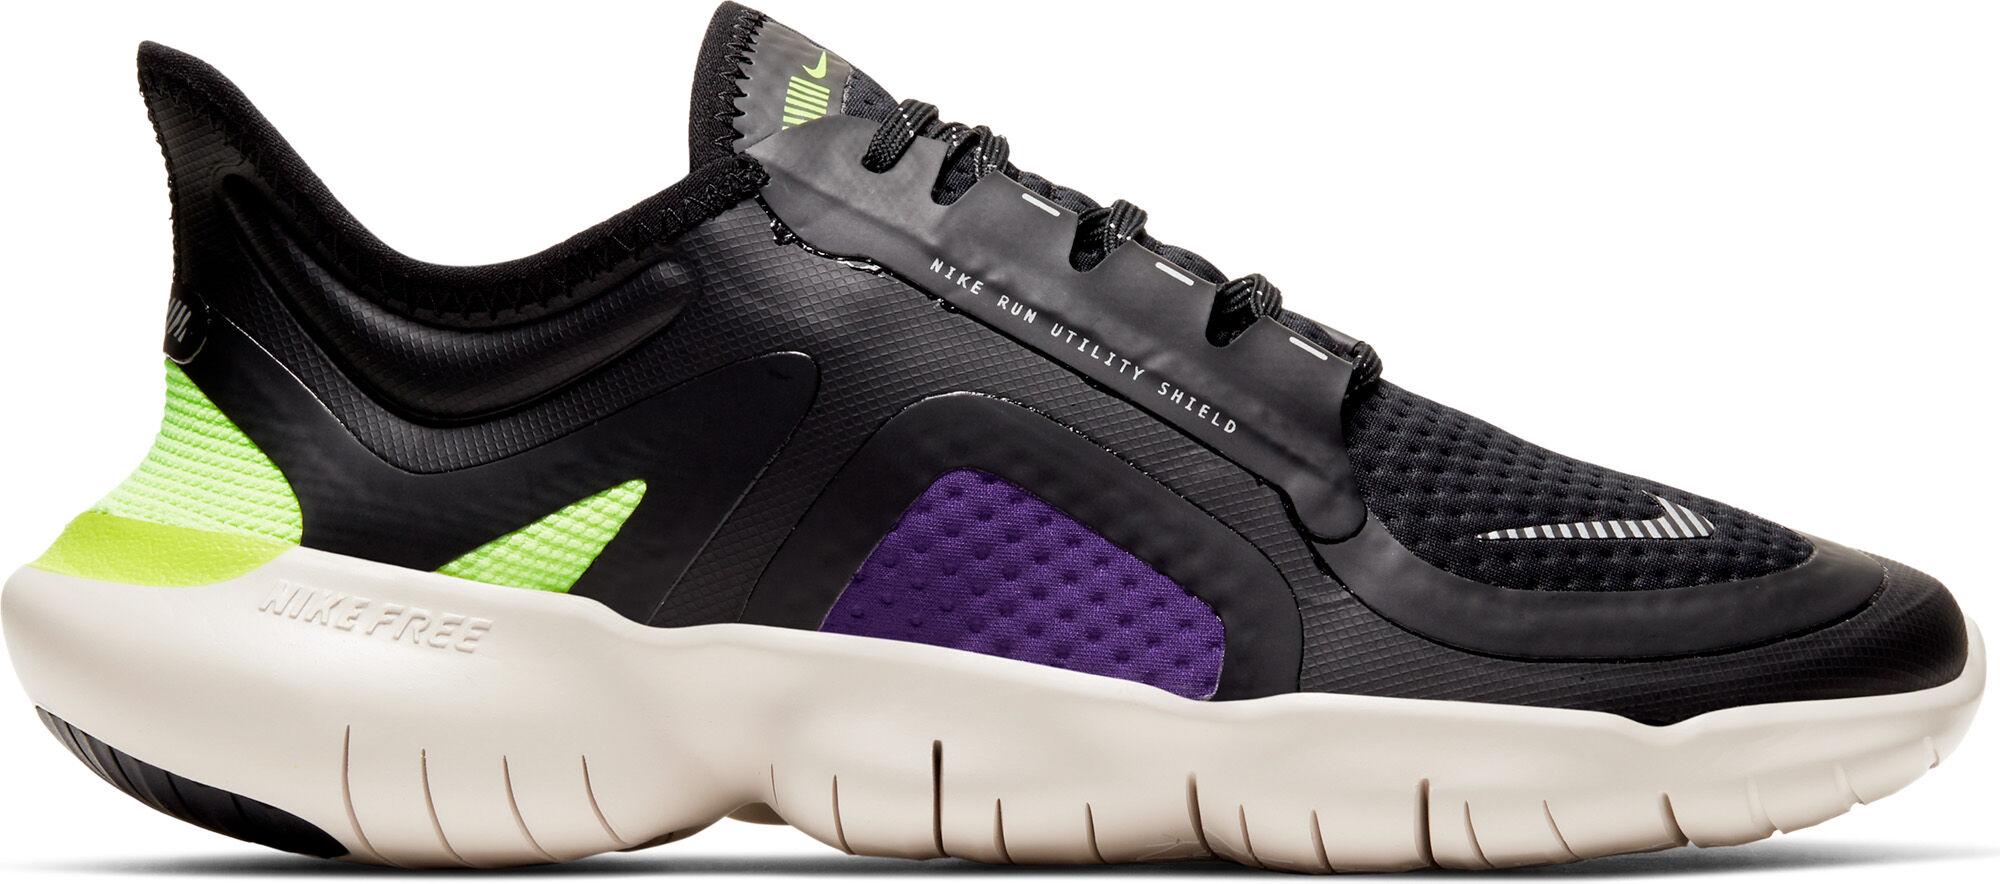 Se Det Store Udvalg Af Produkt Nike Nike free 5.0 v3 dame På